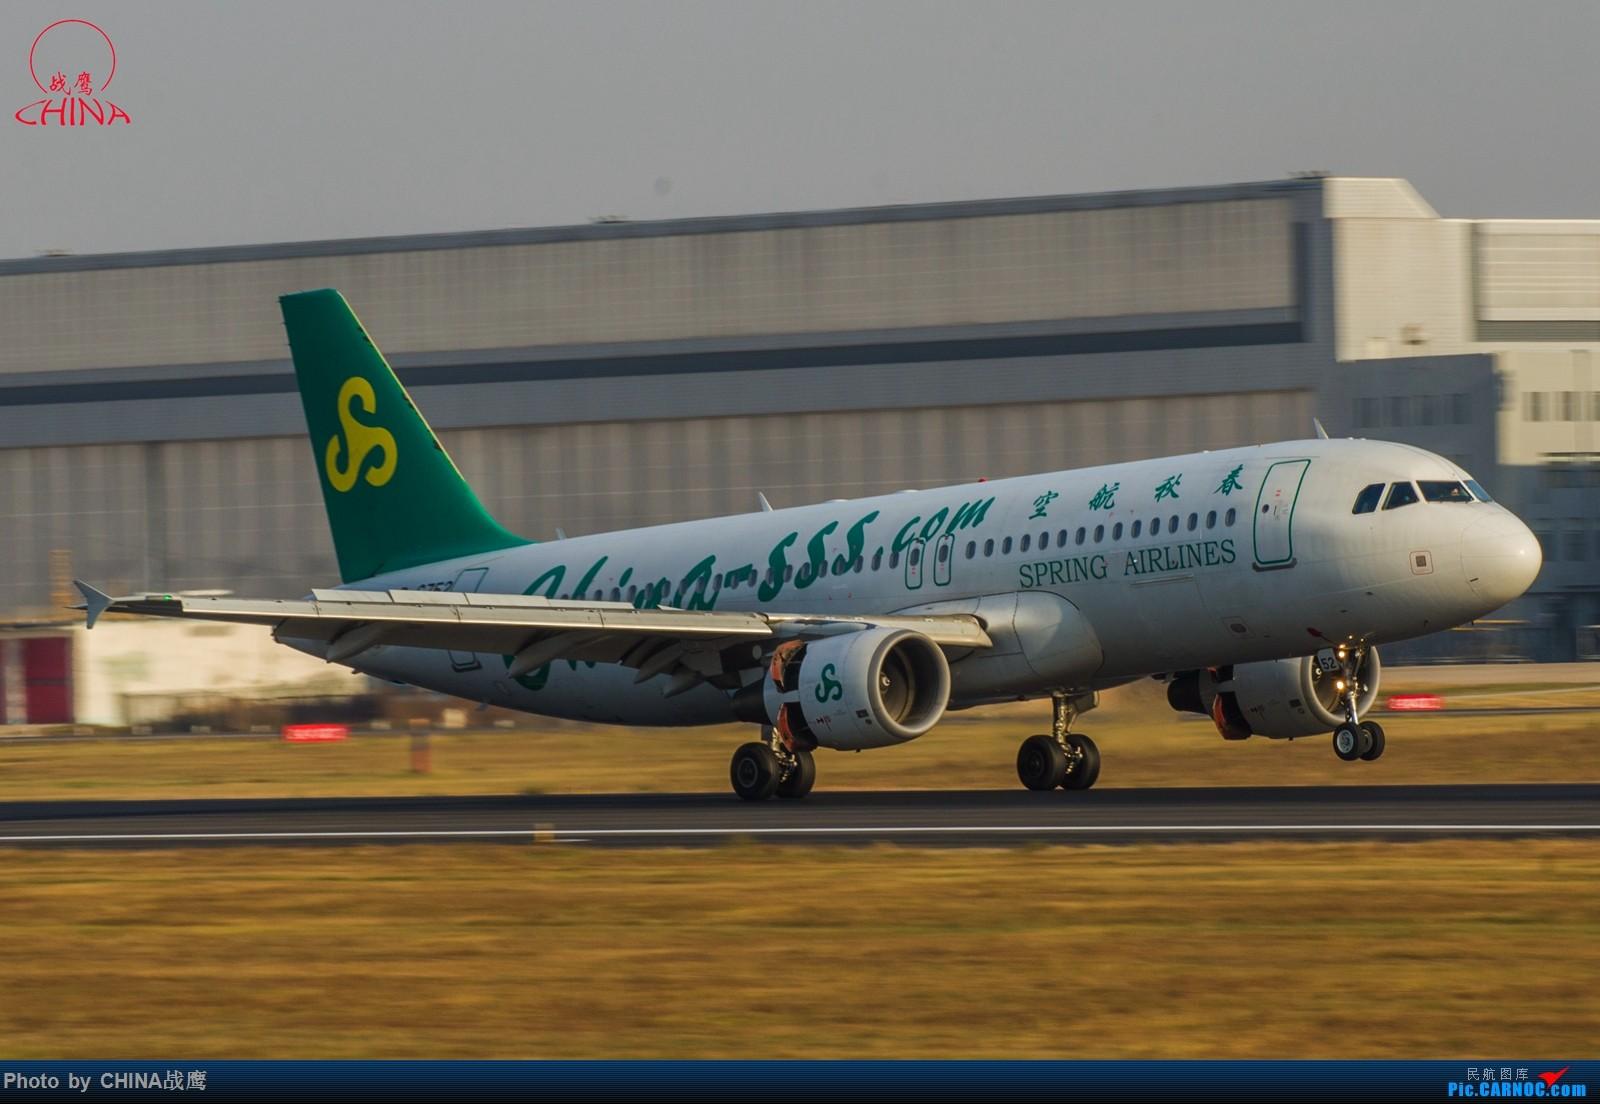 Re:[原创]【SHE】第三季度桃仙拍飞机集锦 AIRBUS A320-200 B-6752 中国沈阳桃仙国际机场